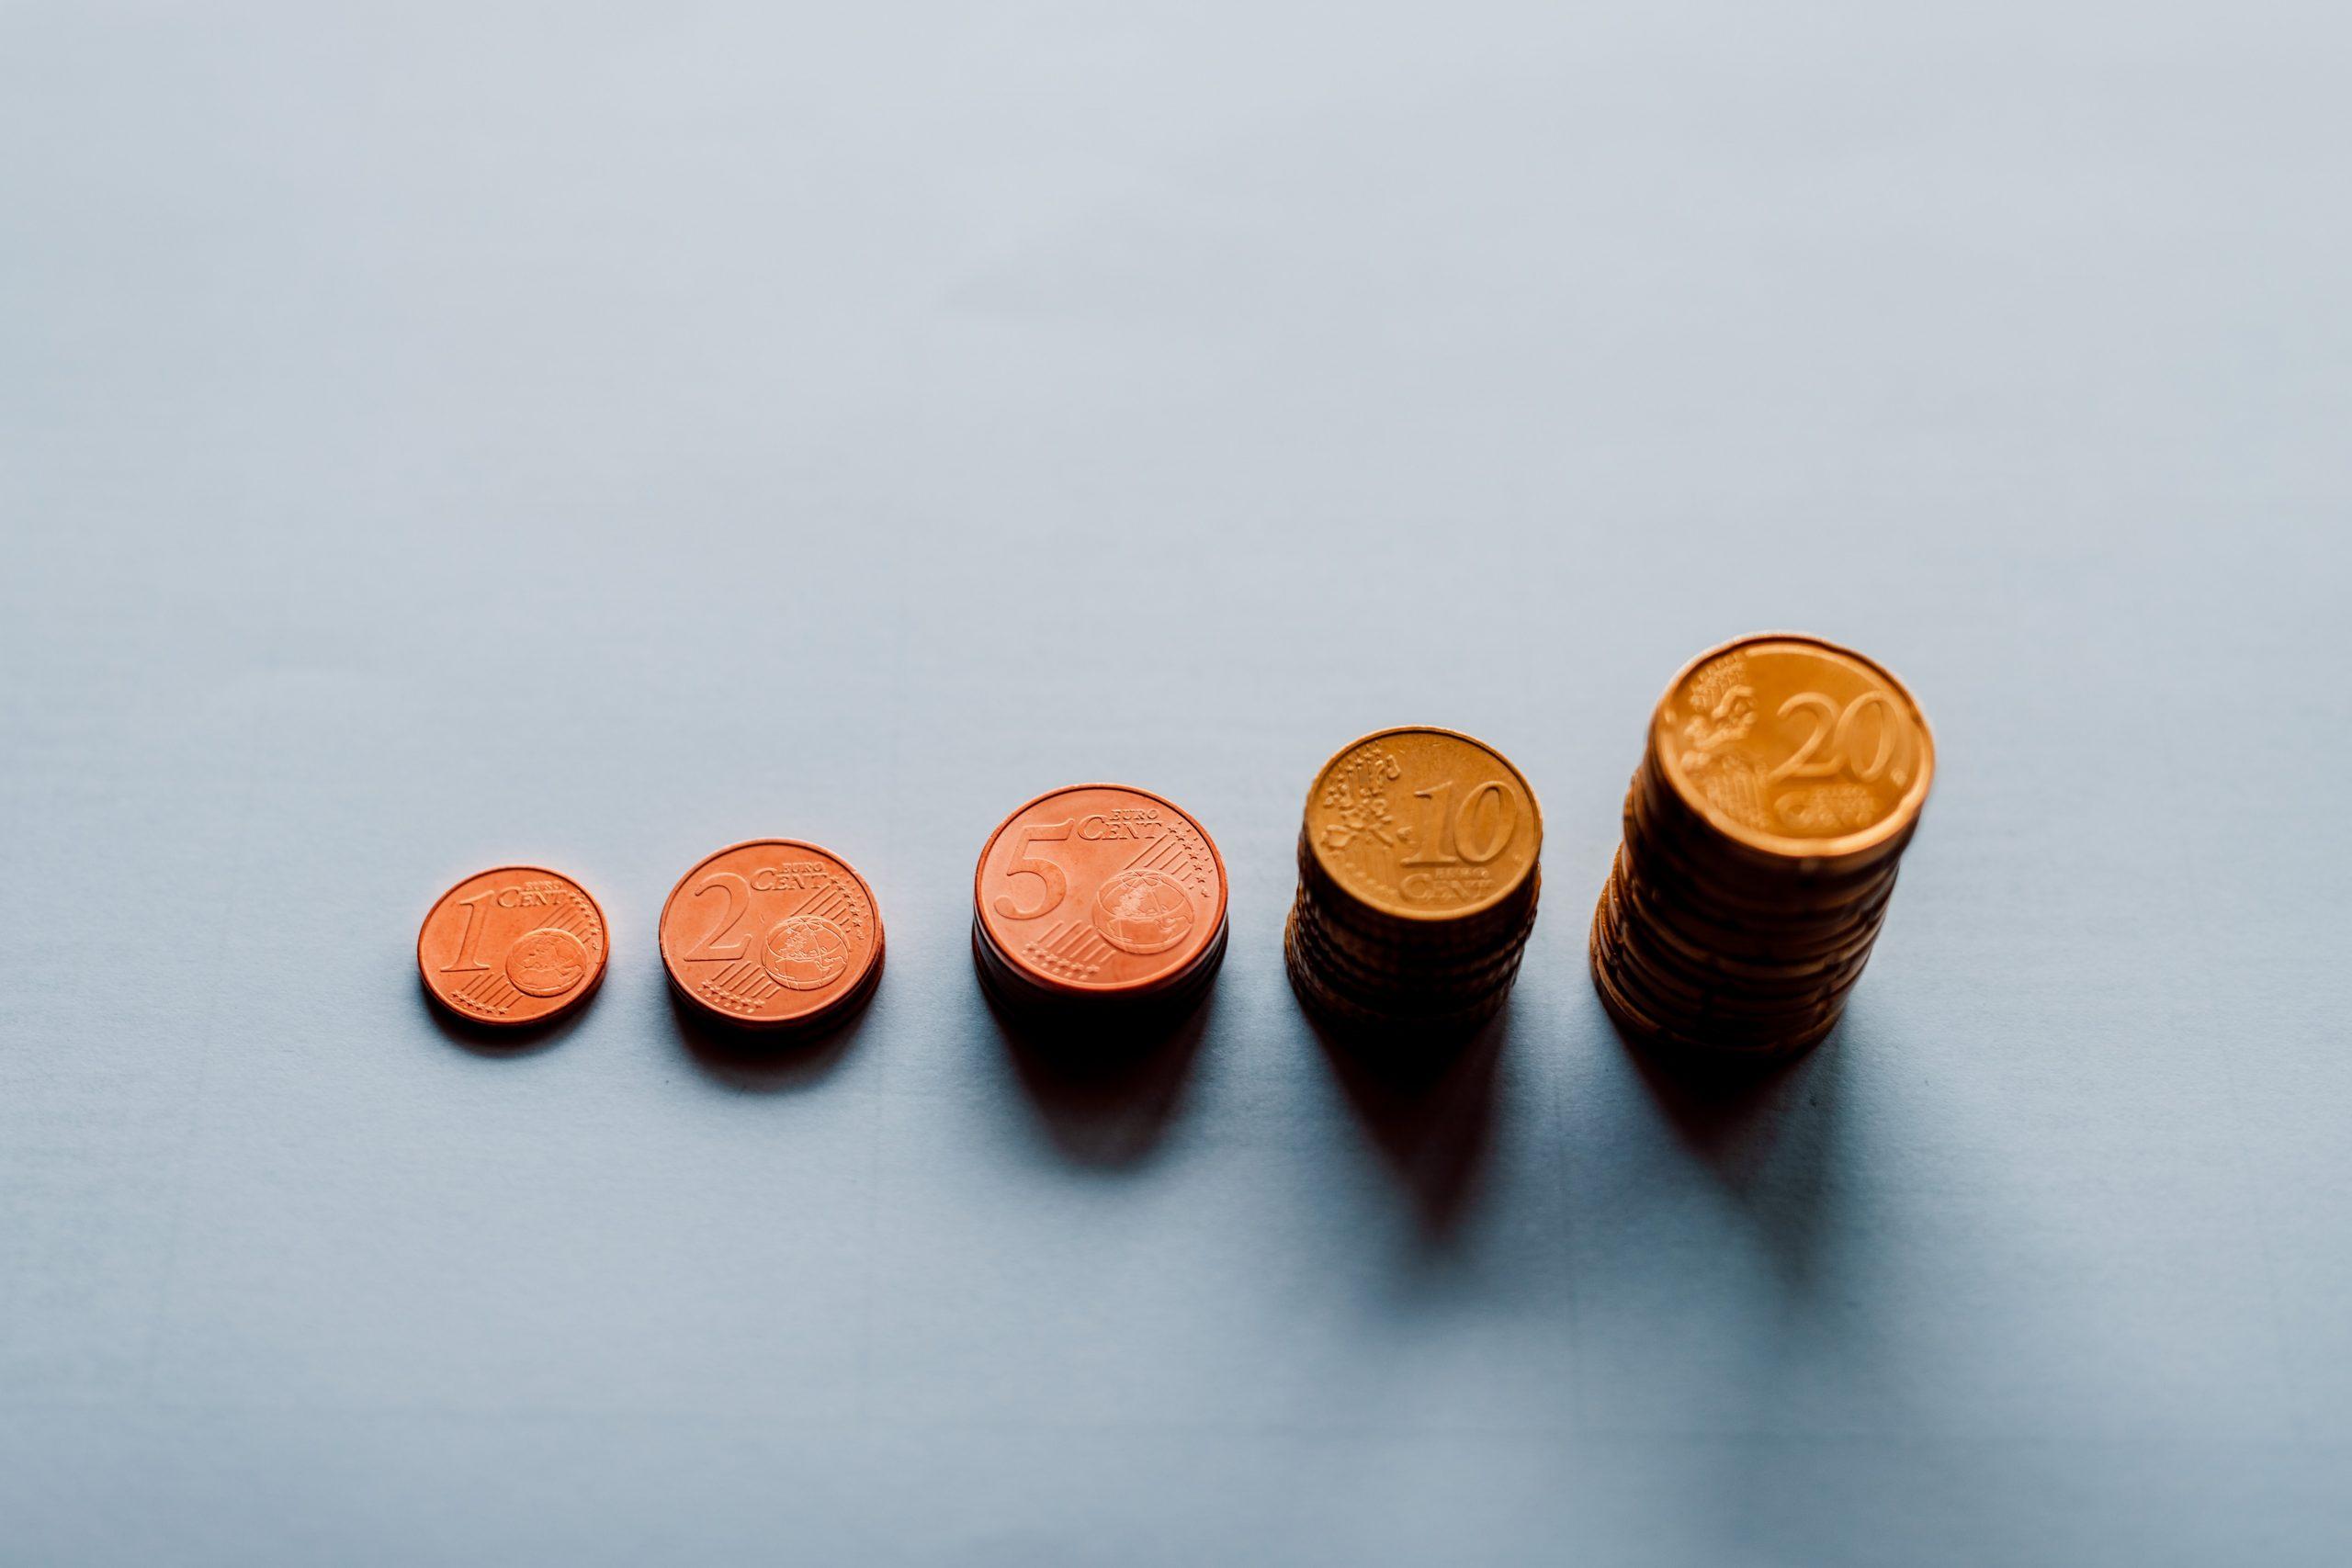 Компании с малой капитализацией, которые стоит купить в сентябре